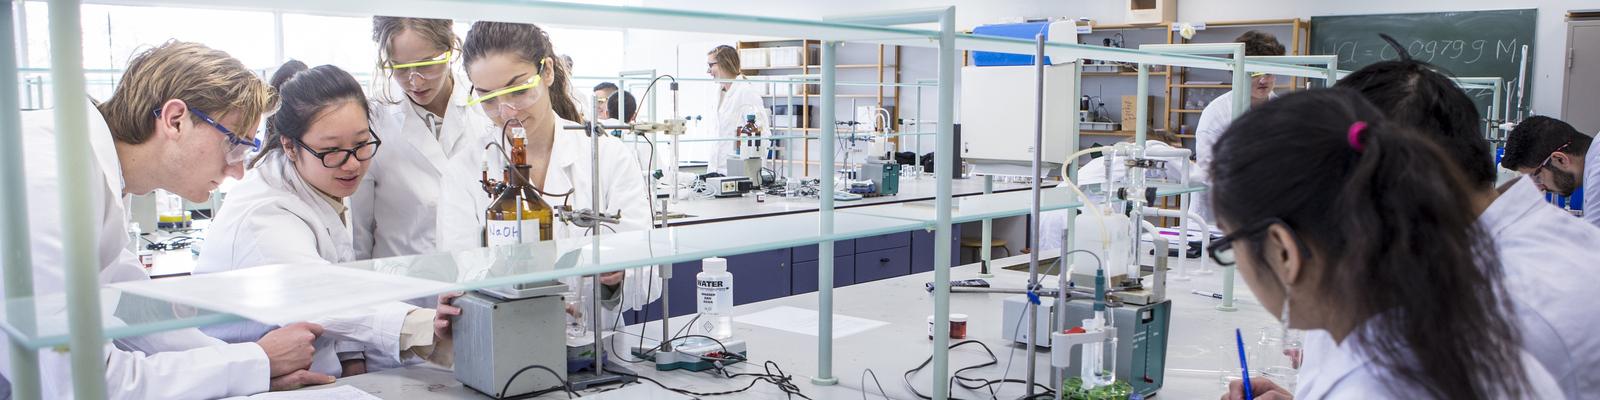 Growing Organs in the Lab (10 jan 2019)